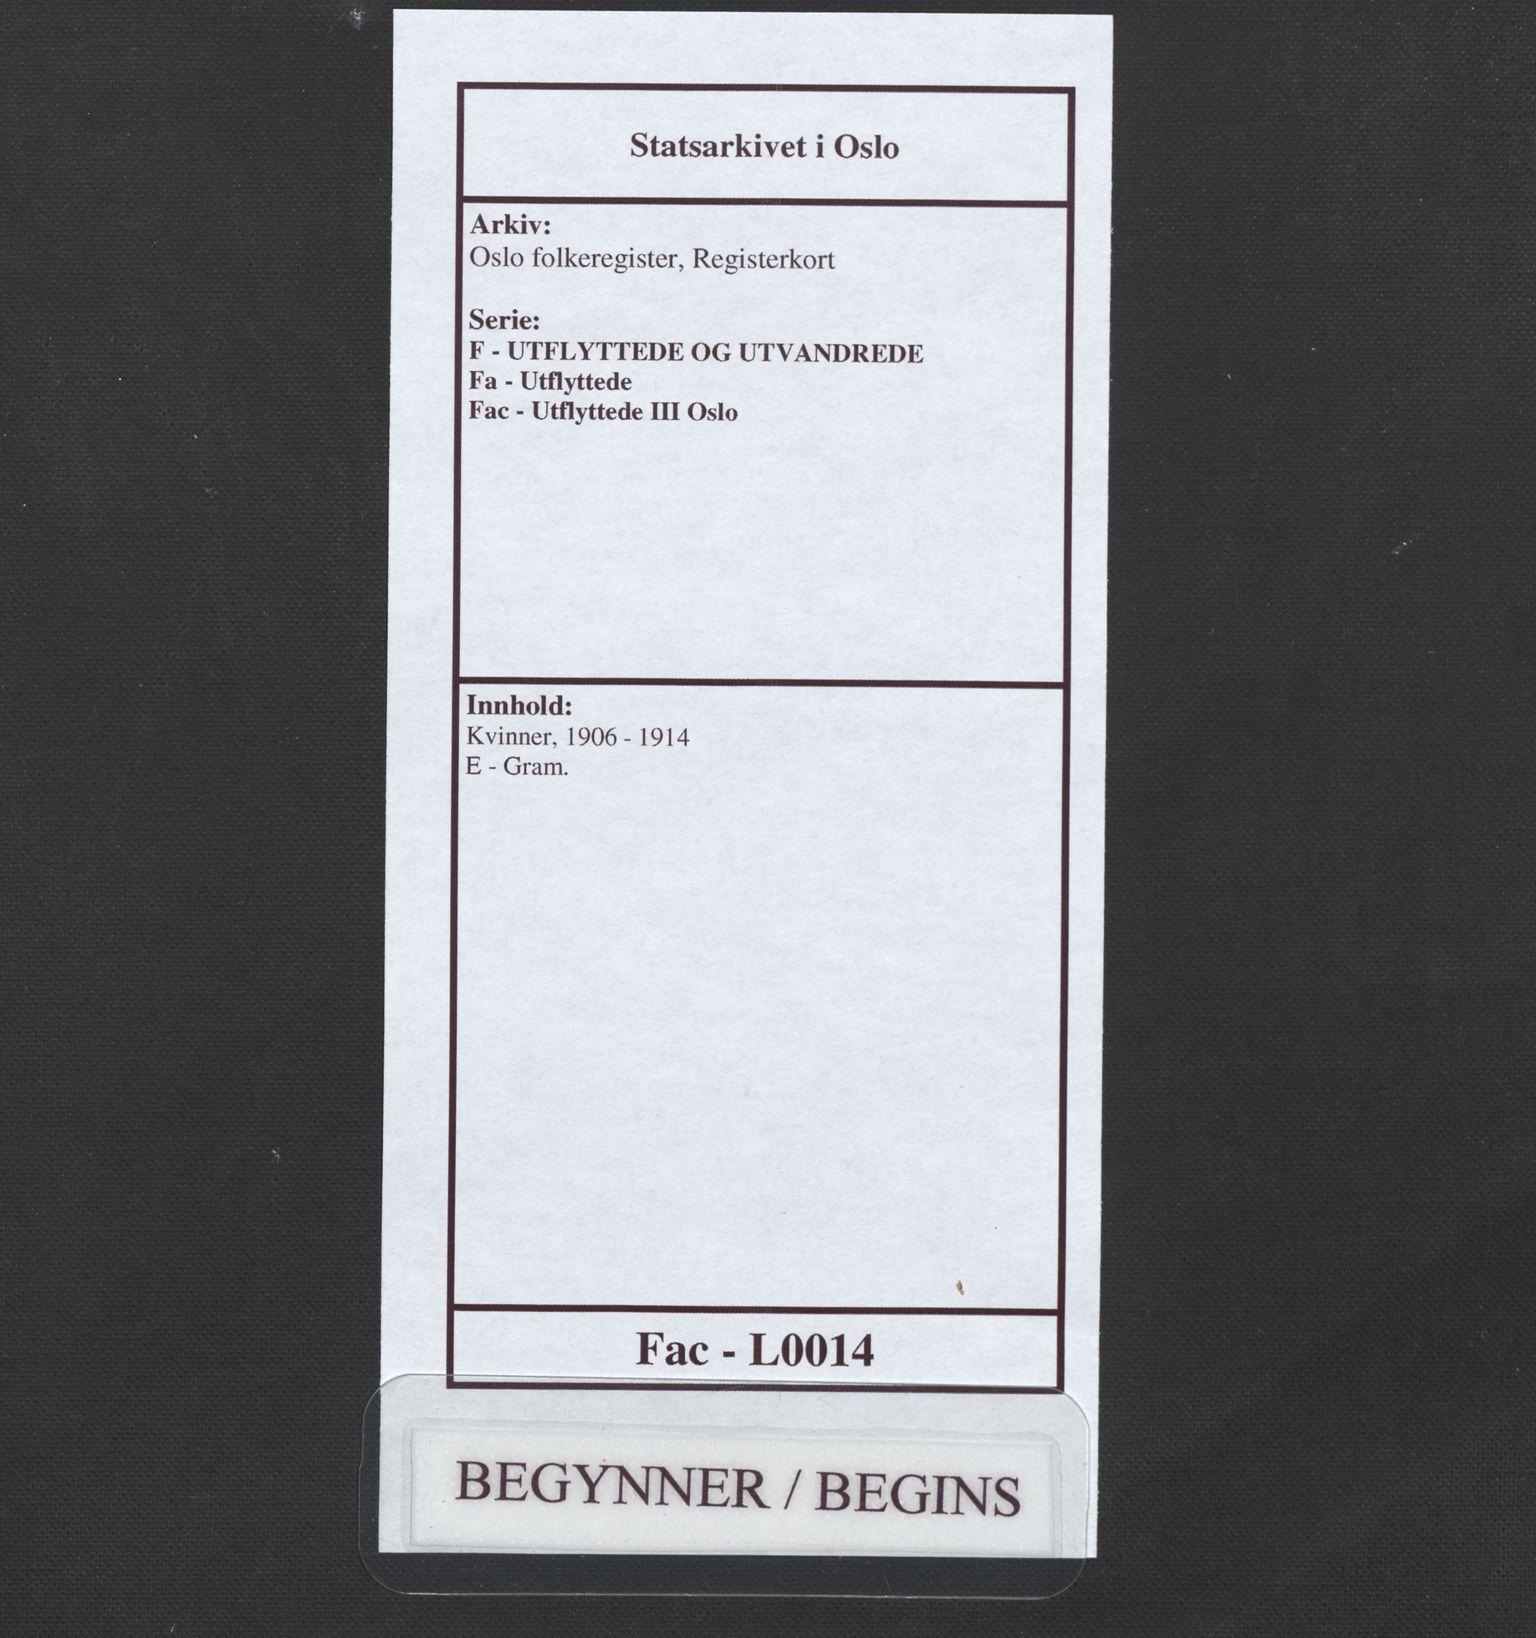 SAO, Oslo folkeregister, Registerkort, F/Fa/Fac/L0014: Kvinner, 1906-1914